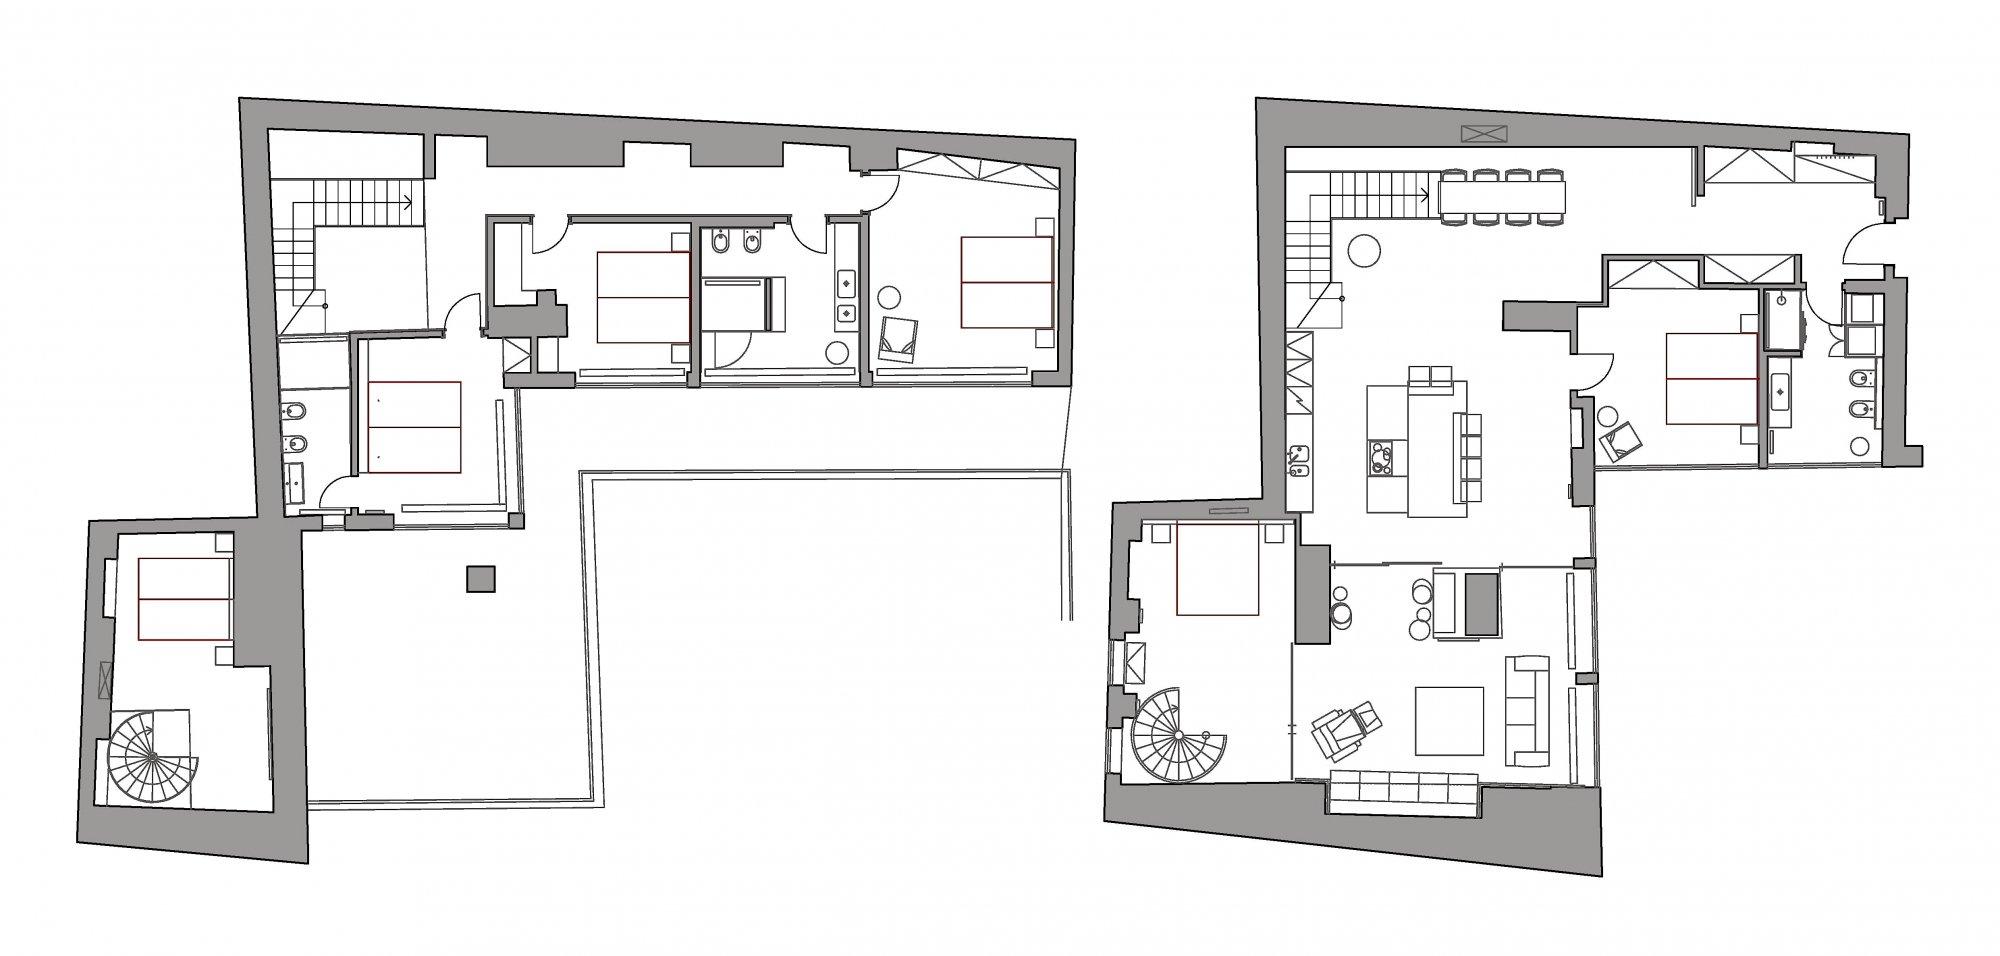 Půdorys - Půdní byt 5+kk, plocha 165 m², ulice Jindřišská, Praha 1 - Nové Město